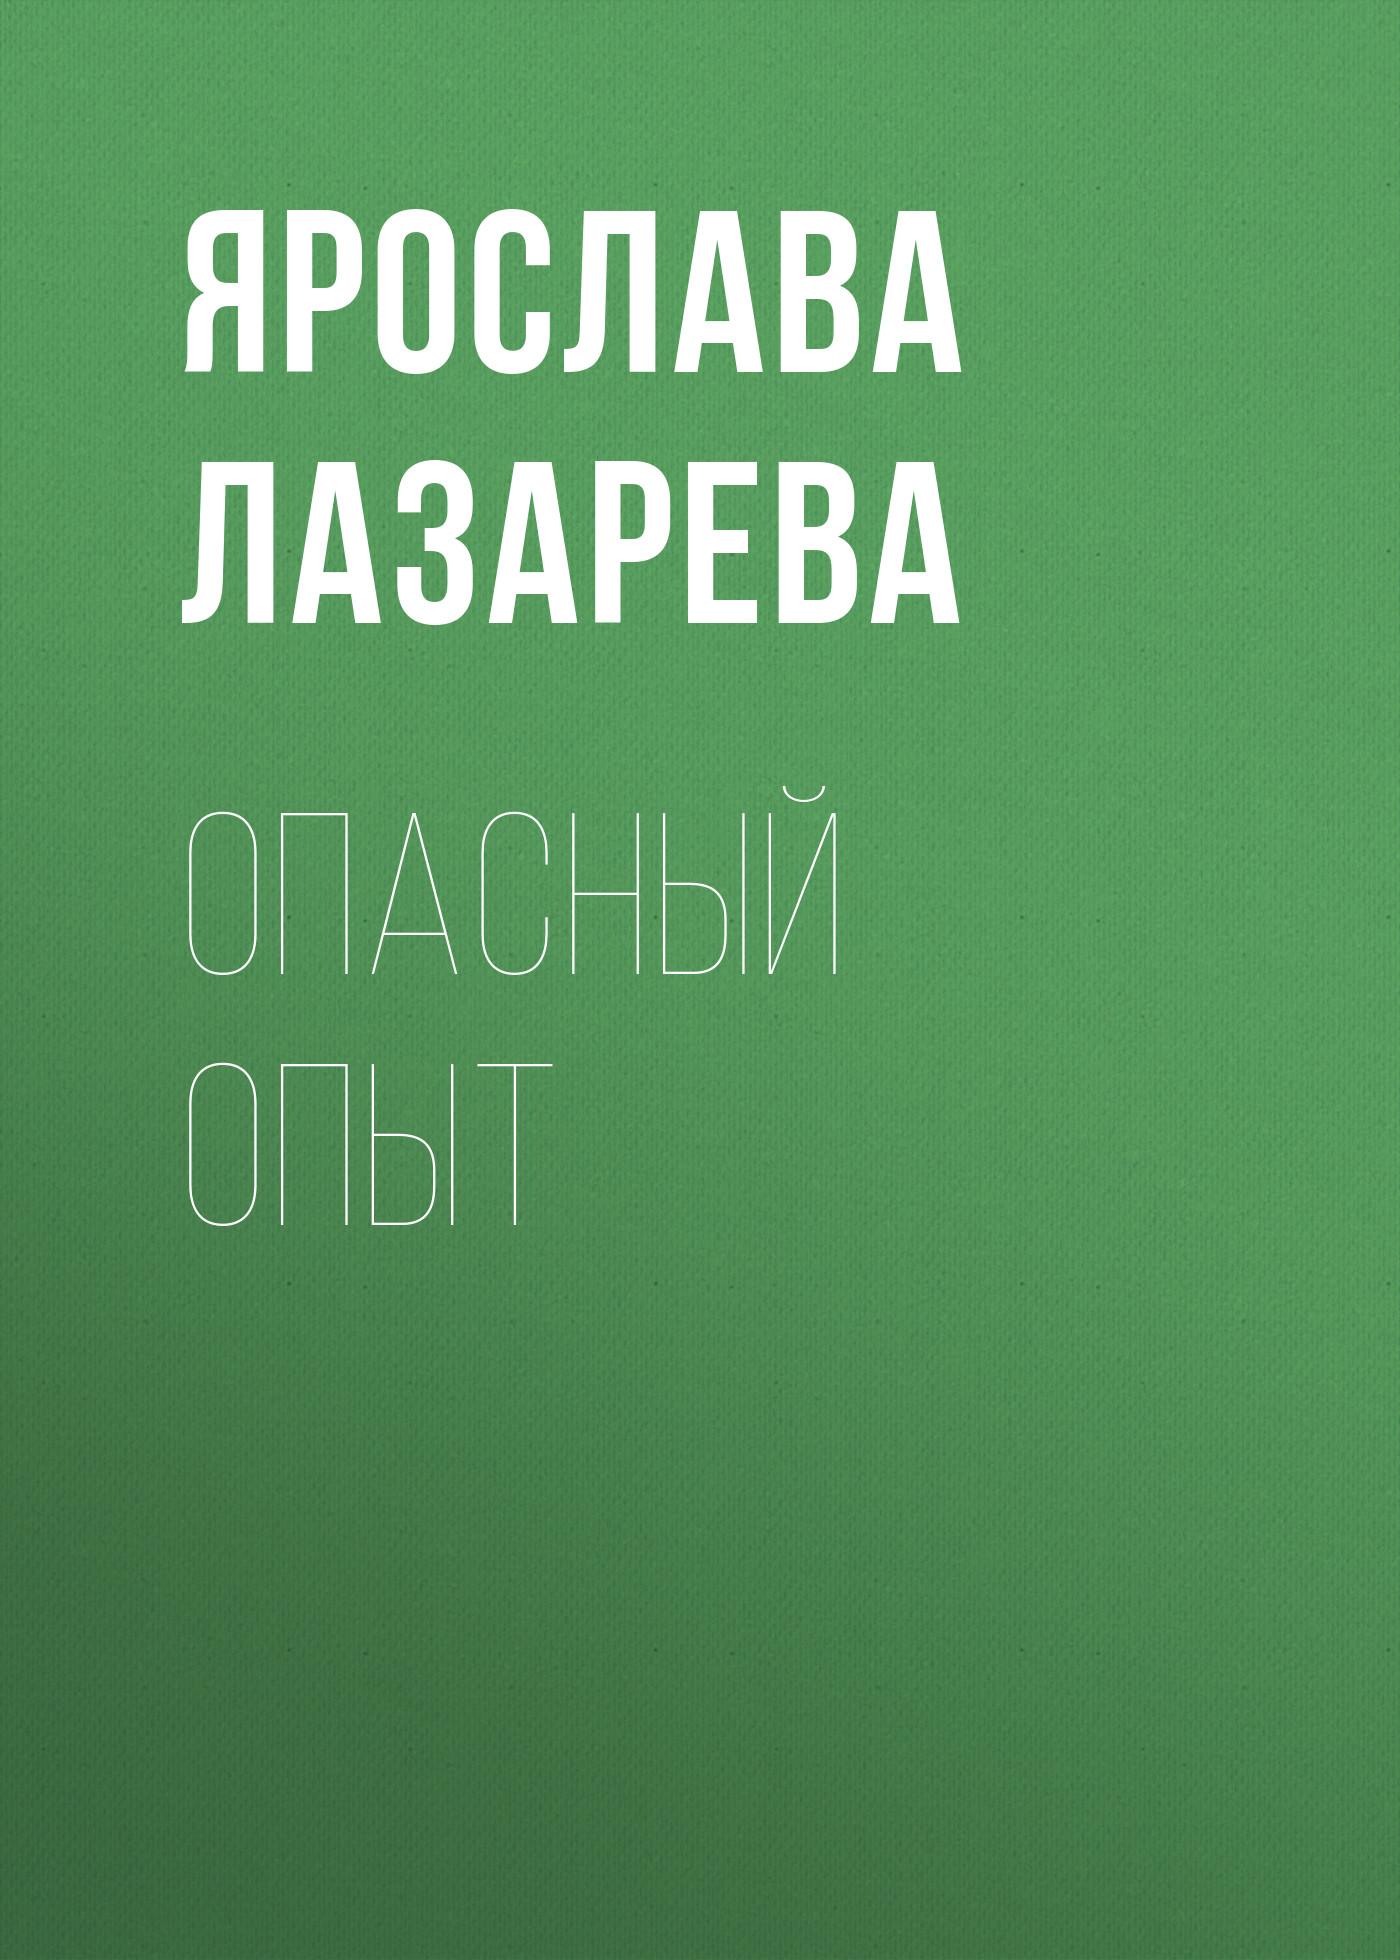 Ярослава Лазарева «Опасный опыт»